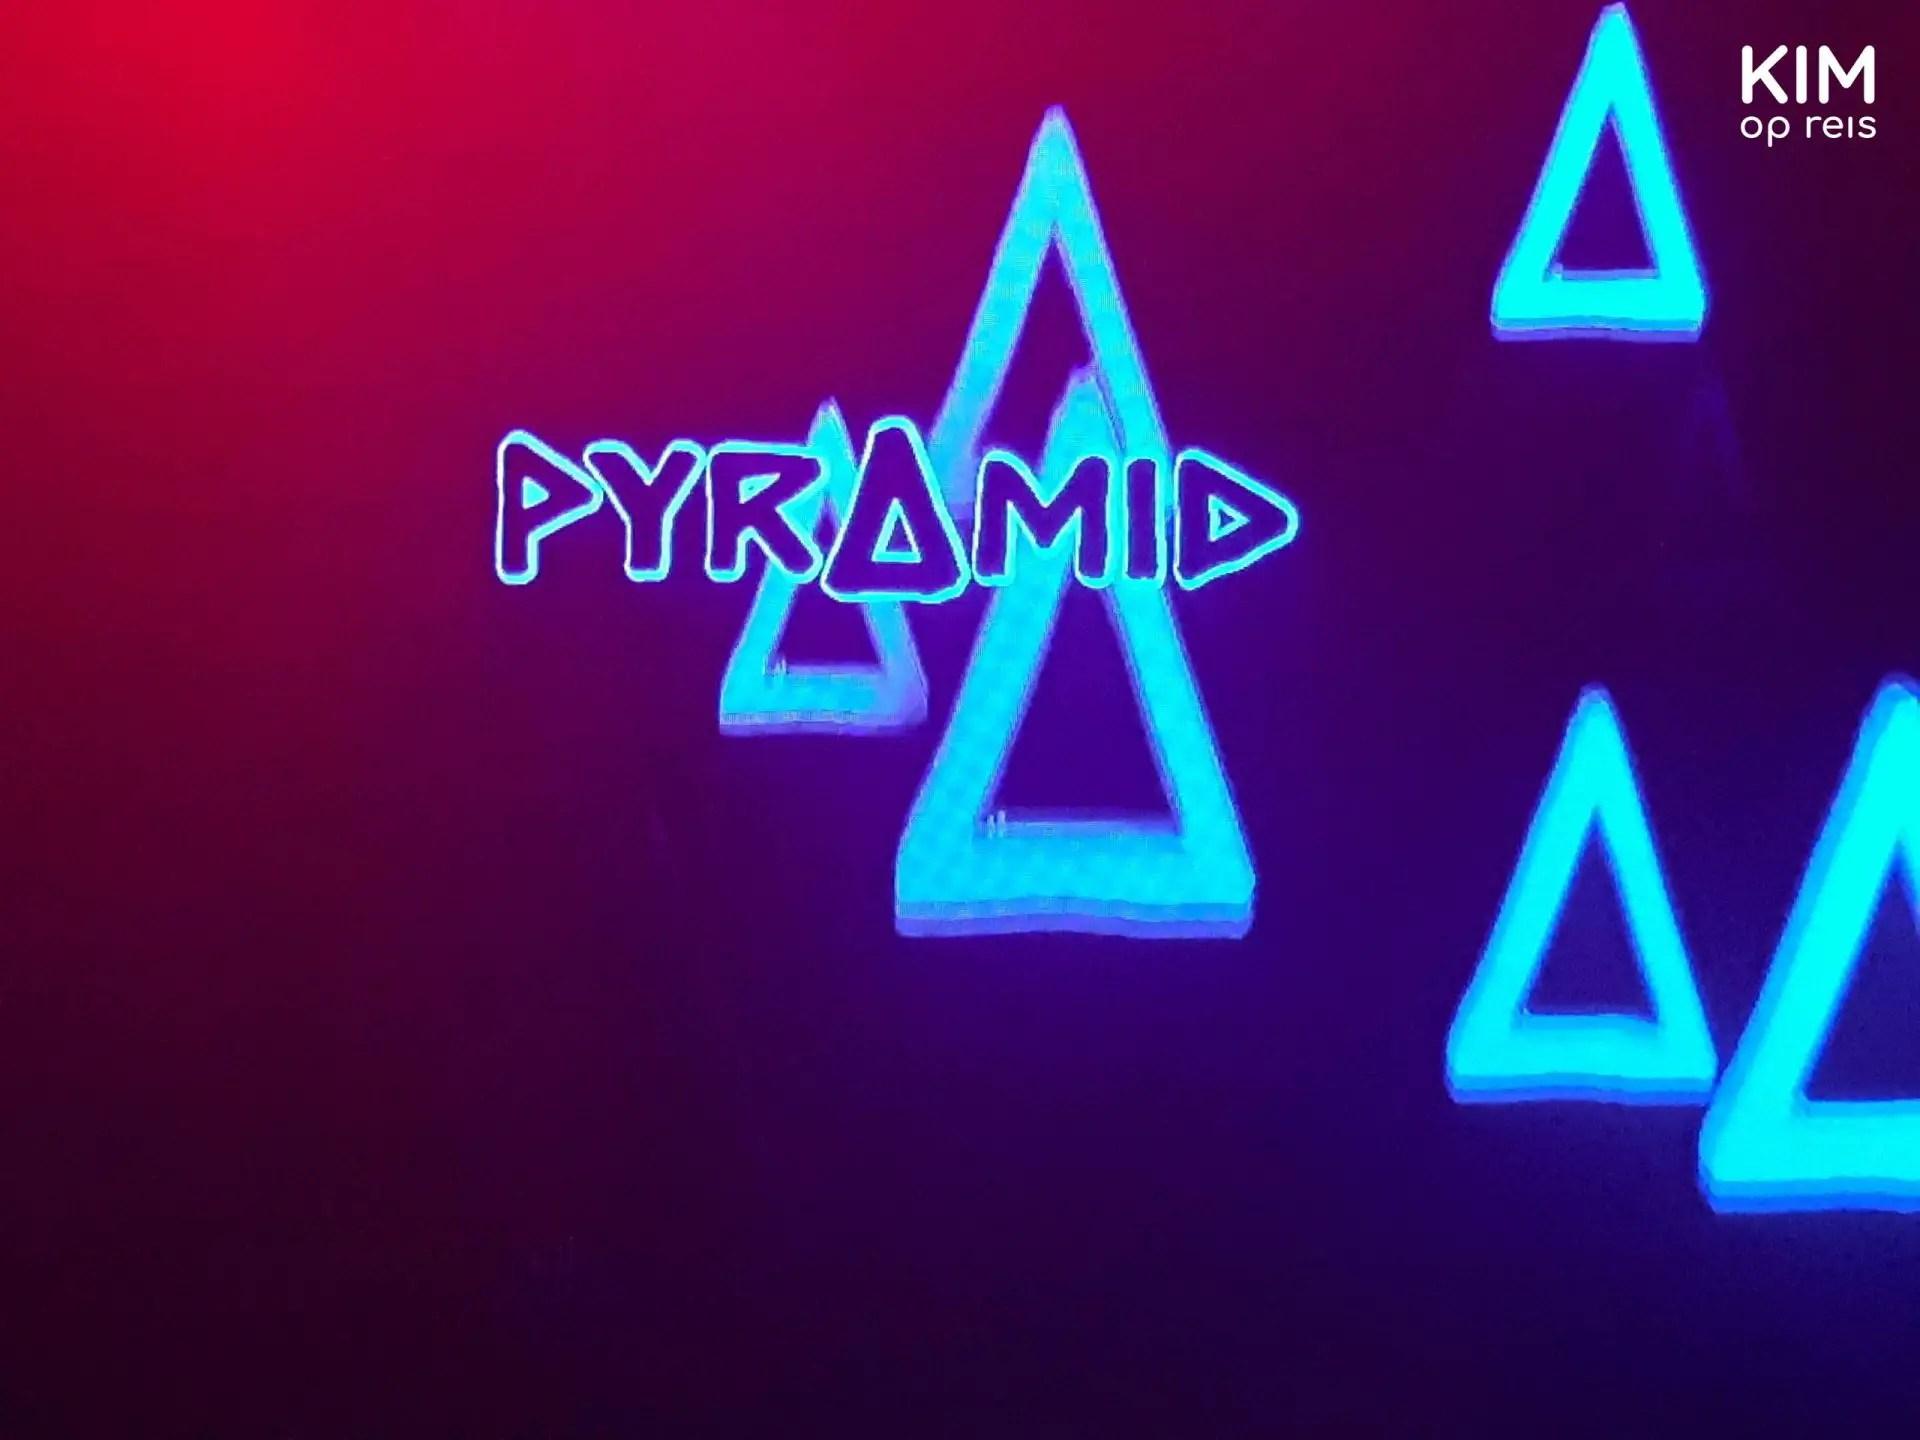 Pyramid in Amnesia - logo pyramid geprojecteerd op de muur